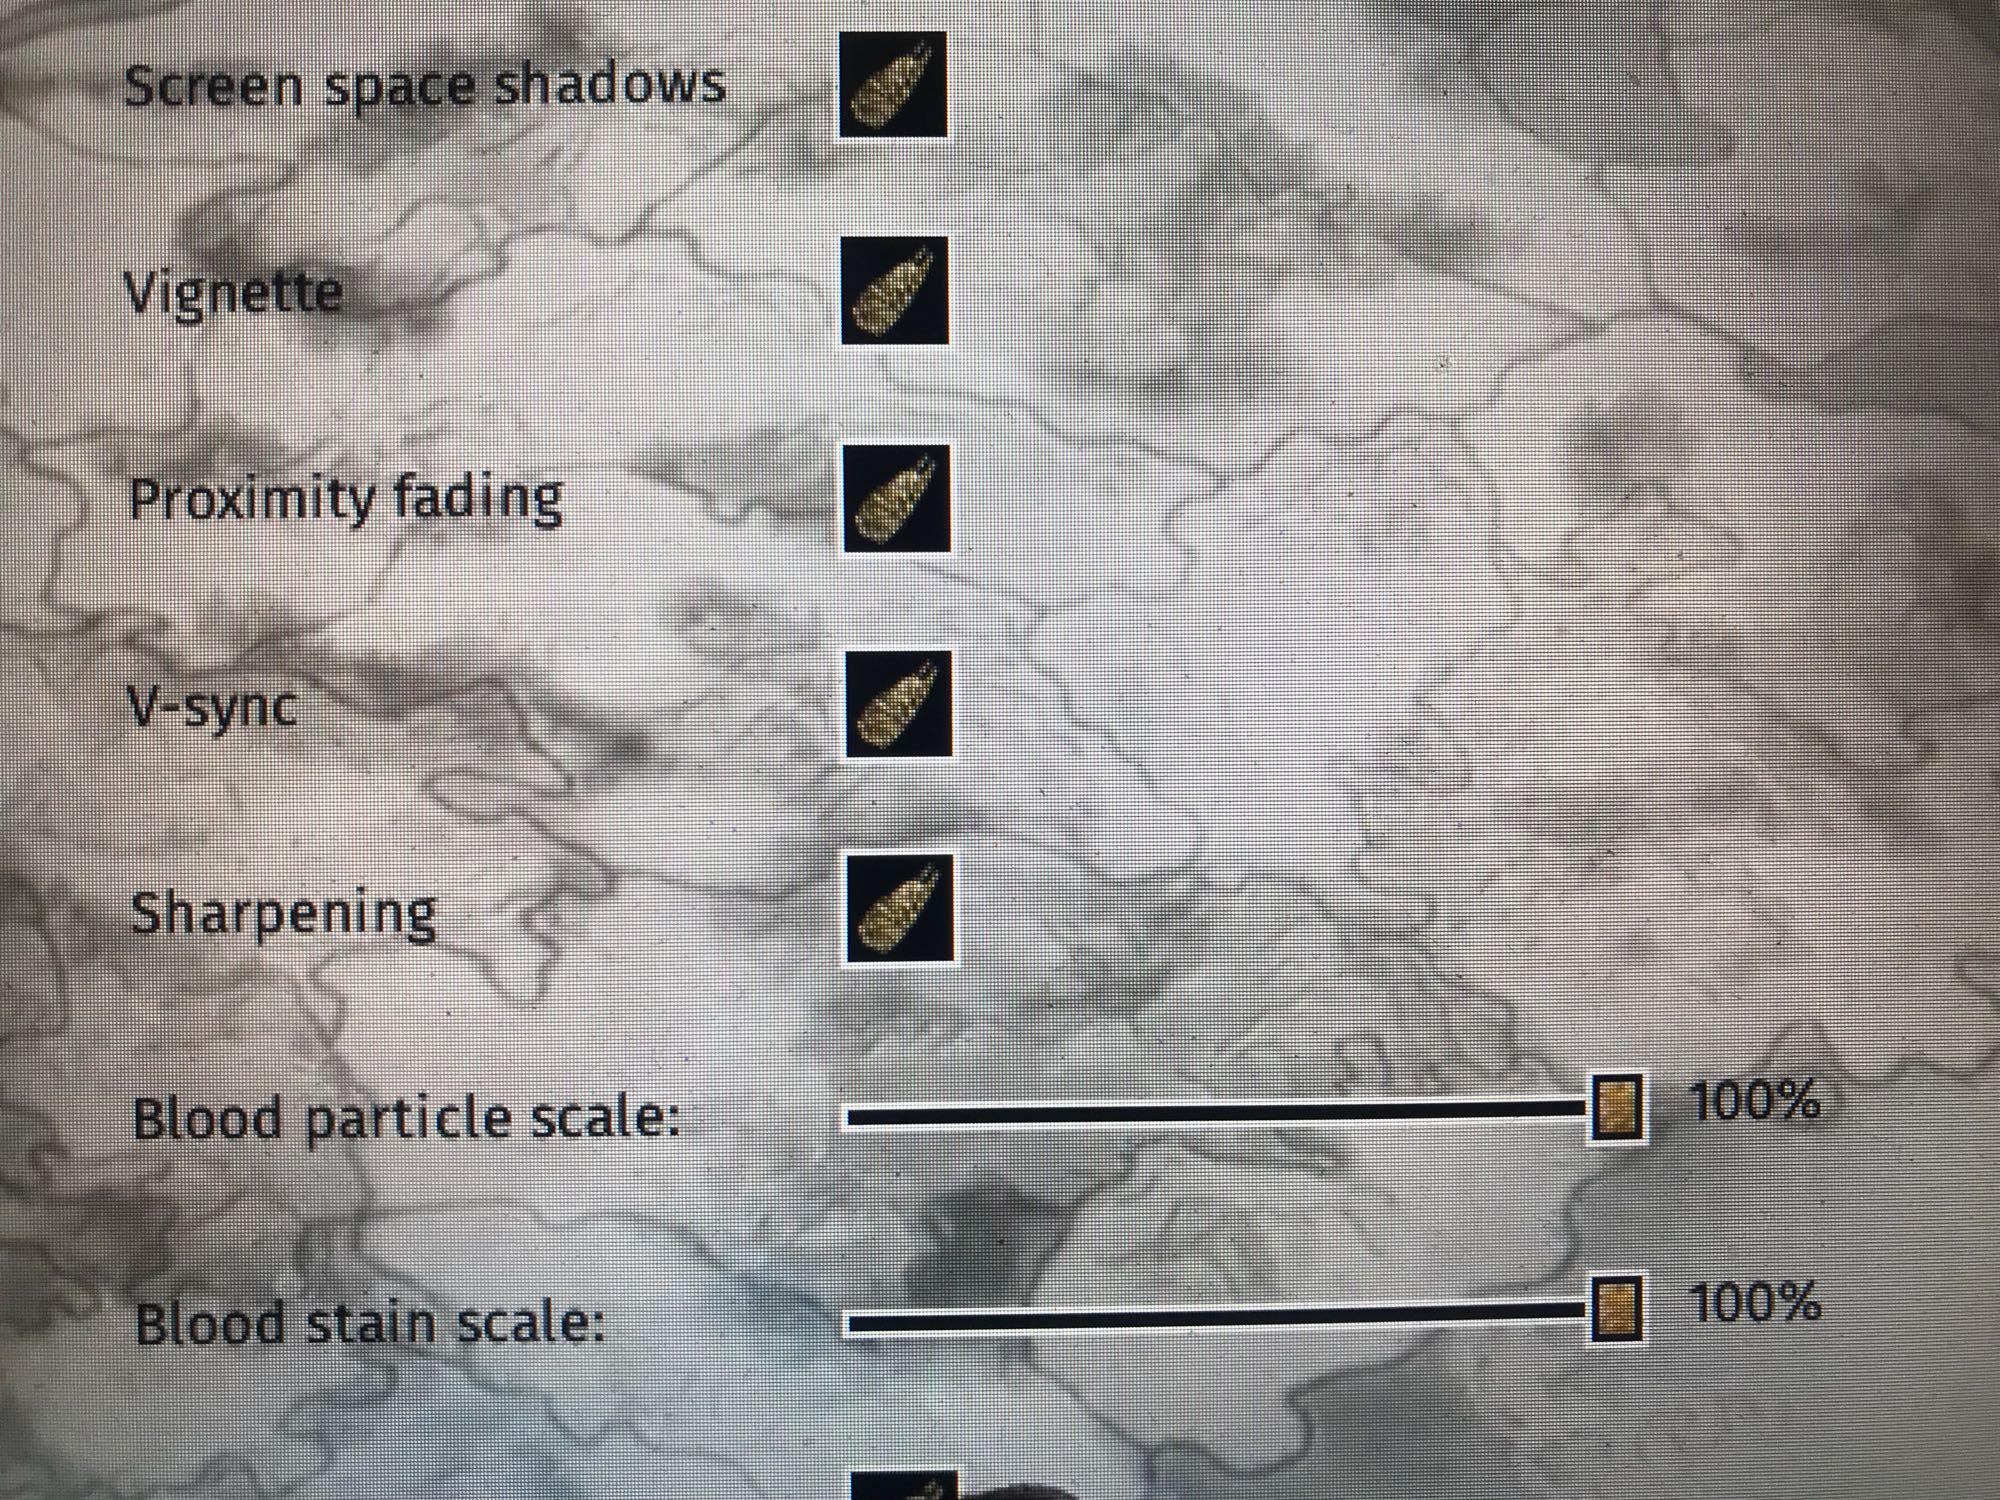 《全面战争:三国》 最新长演示 展示血腥DLC细节